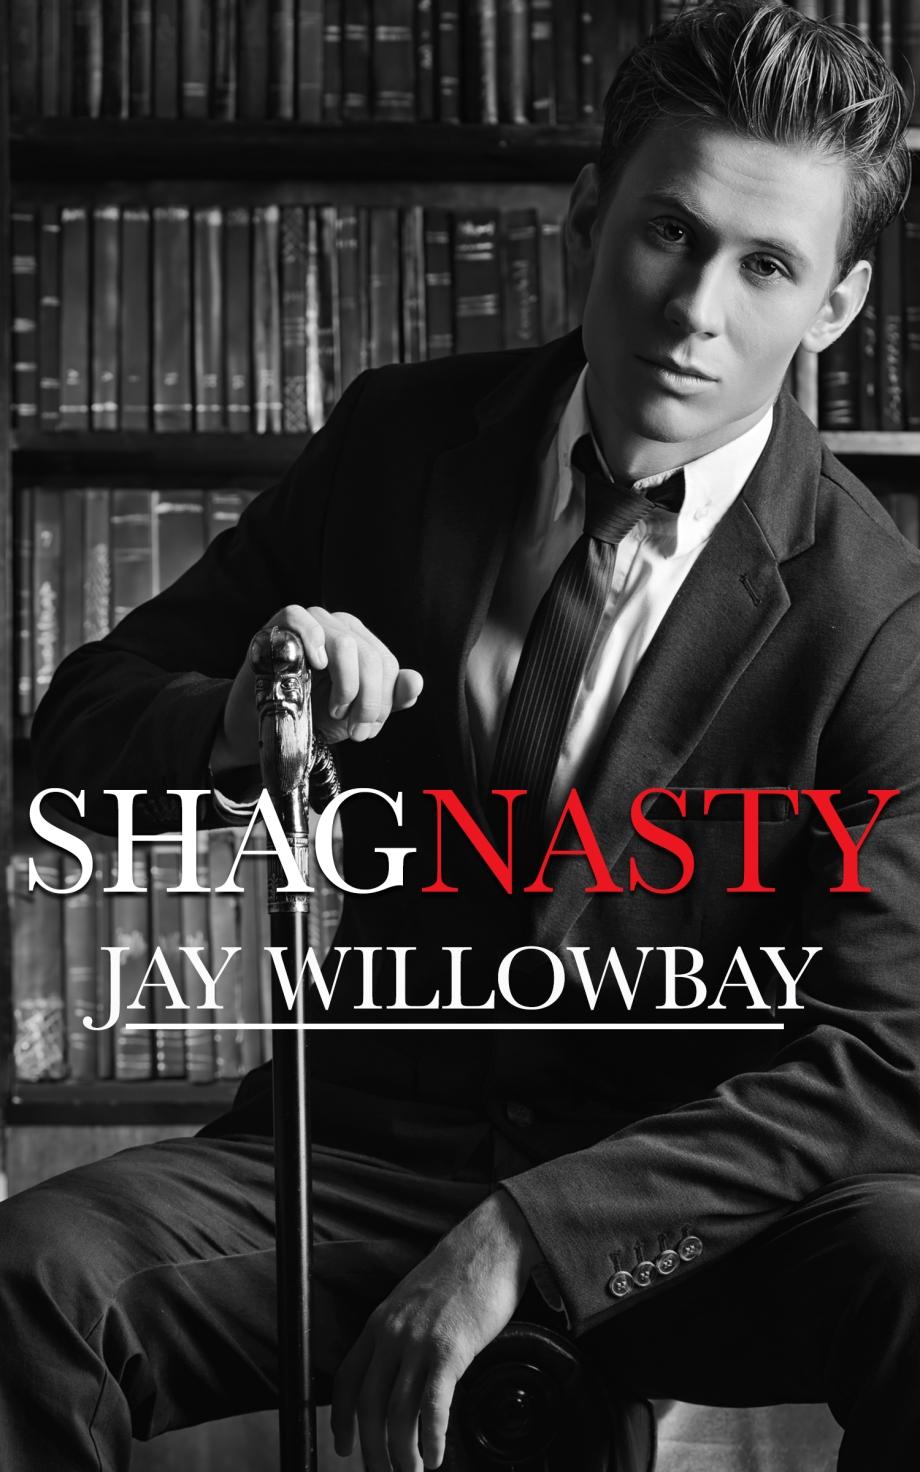 Shagnasty_Jay Willowbay_Final[11312]